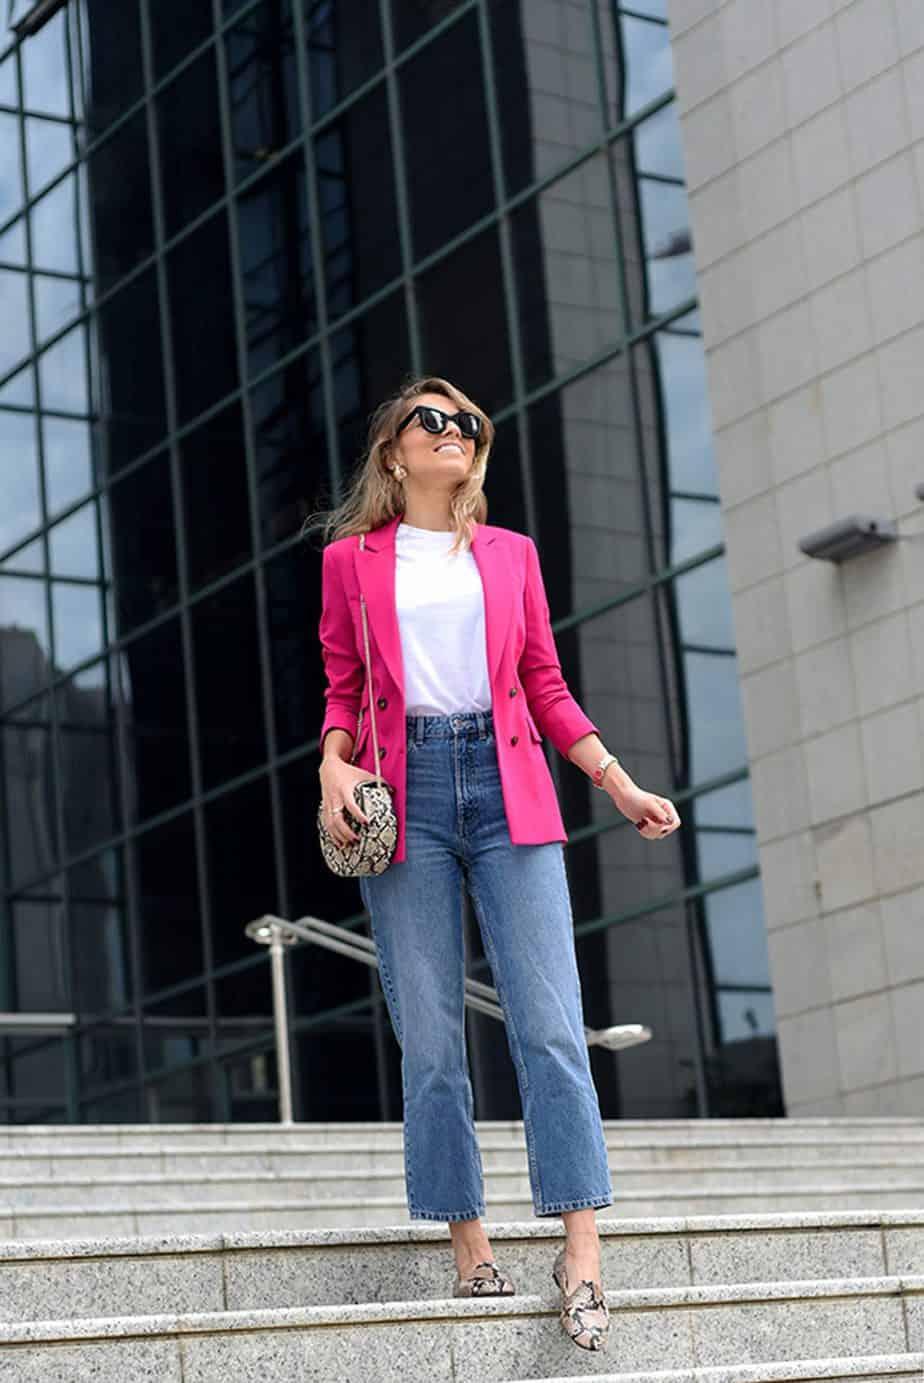 ז'קט: טופ שופ ג'ינס ונעליים: זארה תיק: מנגו משקפיים: CELINE, הודיה פיינגולד צילום לימור יערי - 6